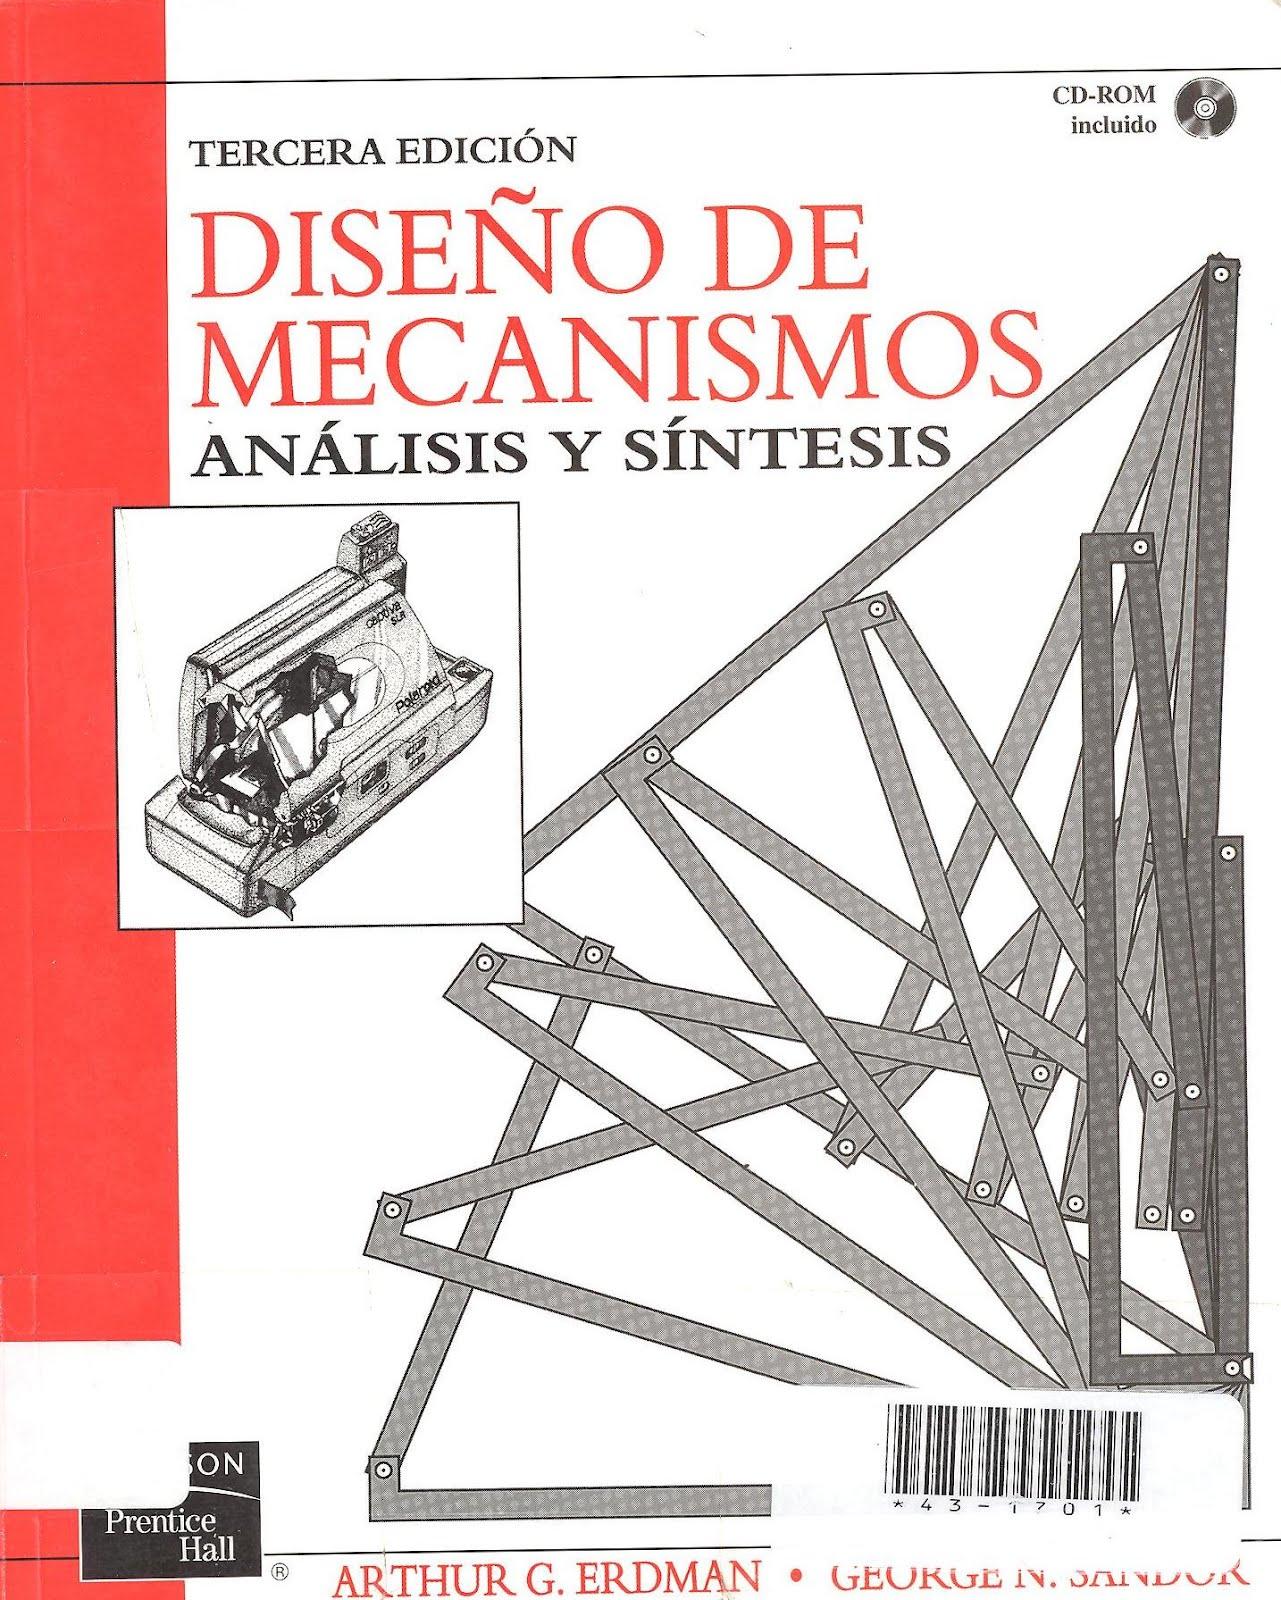 Mecanismos Y Dinamica De Maquinaria Mabie Pdf